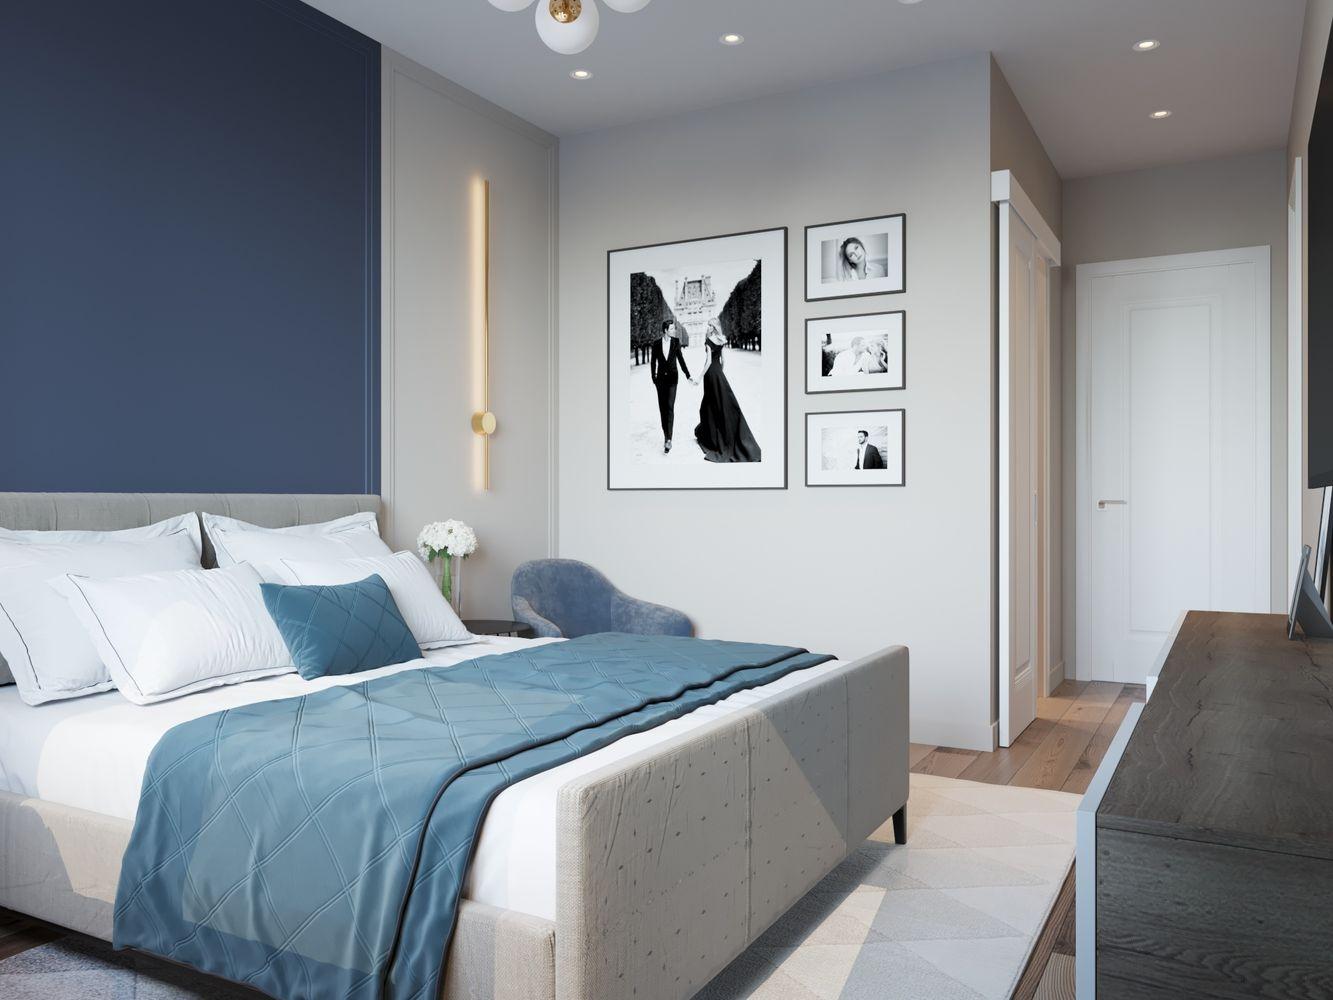 Двухкомнатная квартира для молодой пары. Современный интерьер и удачная планировка для комфортной жизни и посиделок с друзьями.